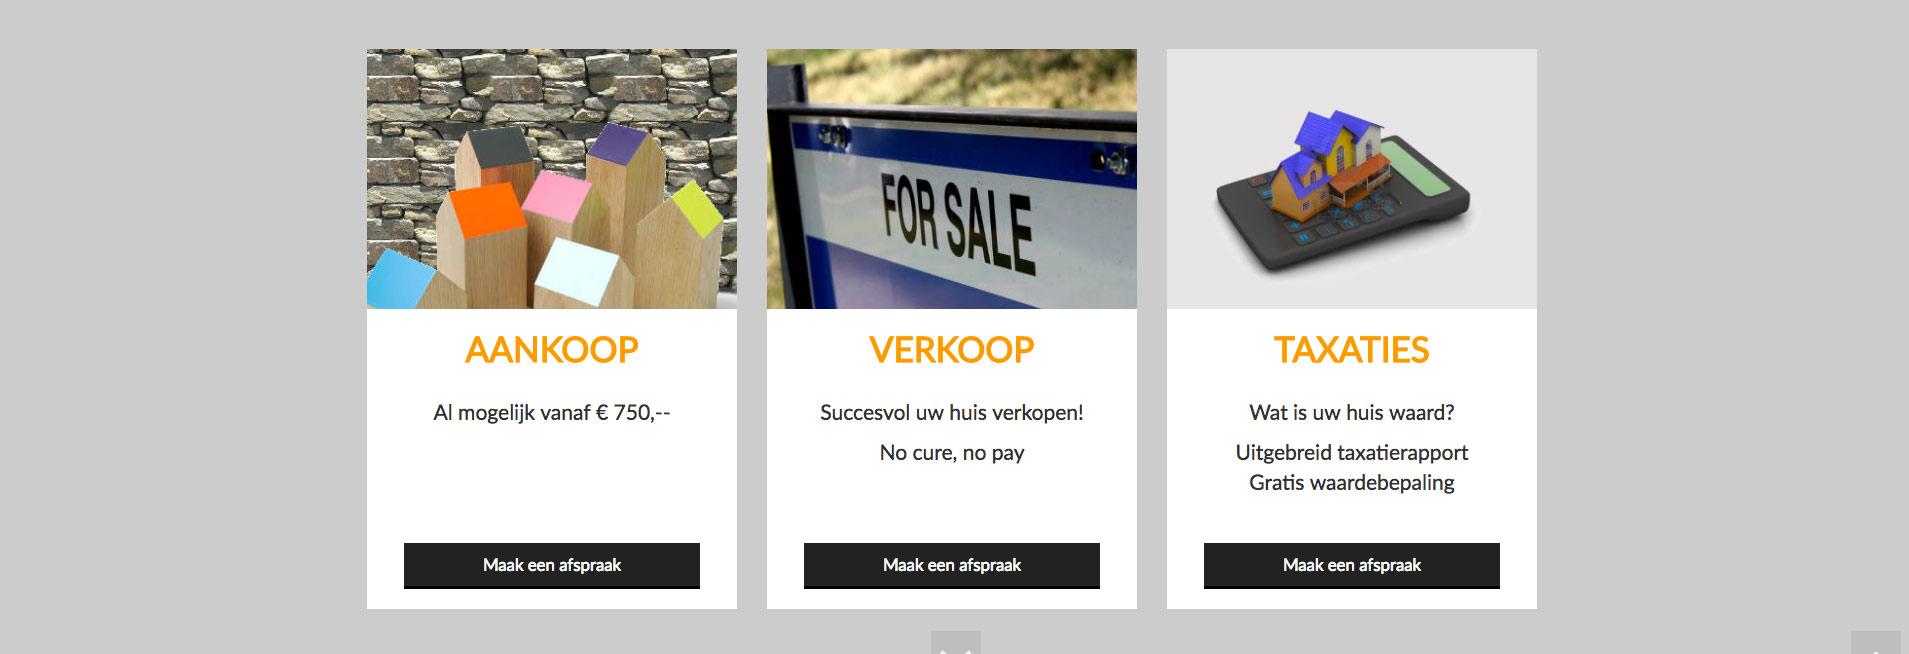 hoitinkmakelaardij.nl